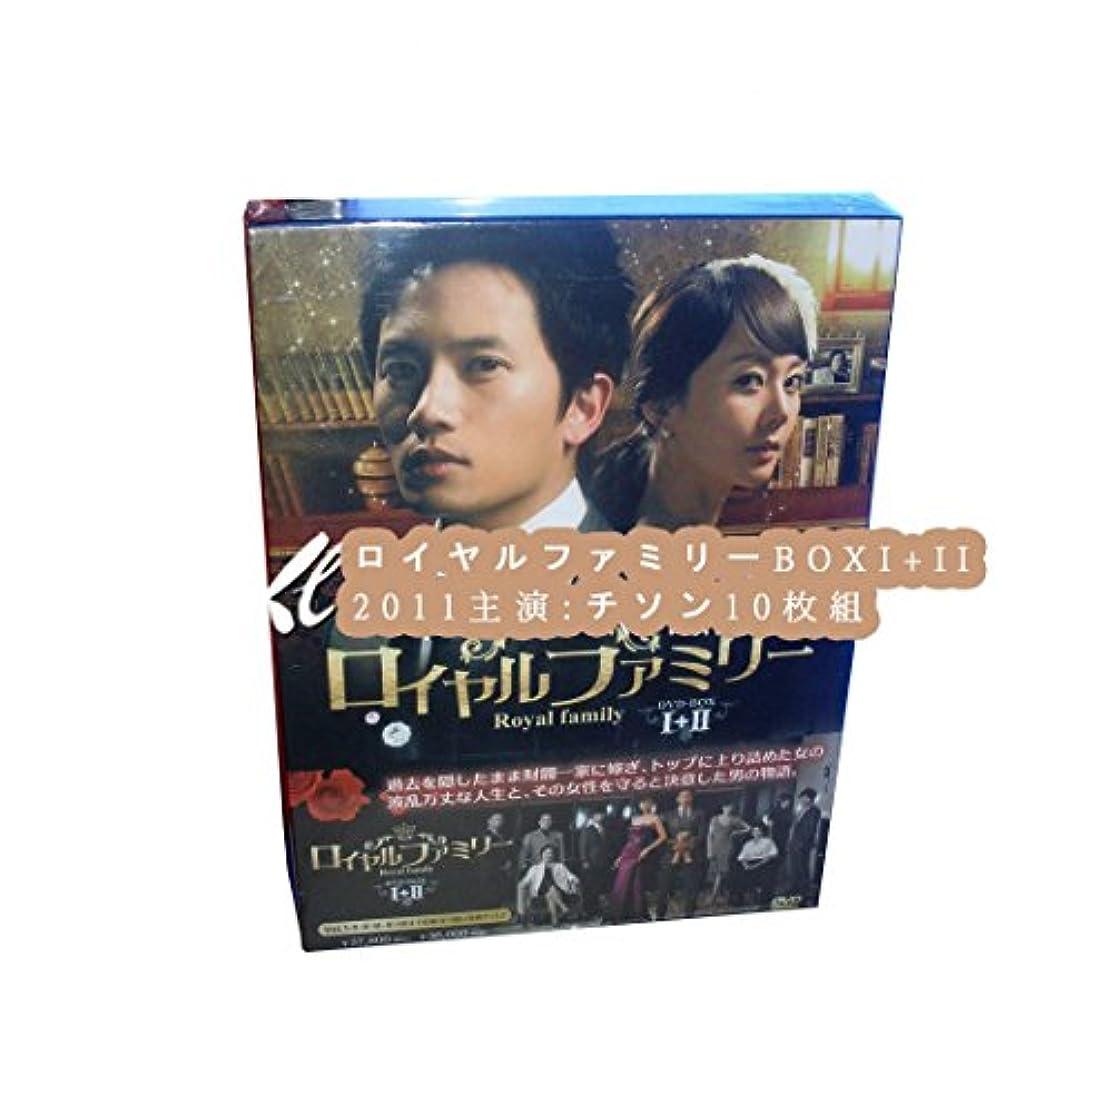 宝イヤホンソロロイヤルファミリー BOXI+II 2011 主演: チソン